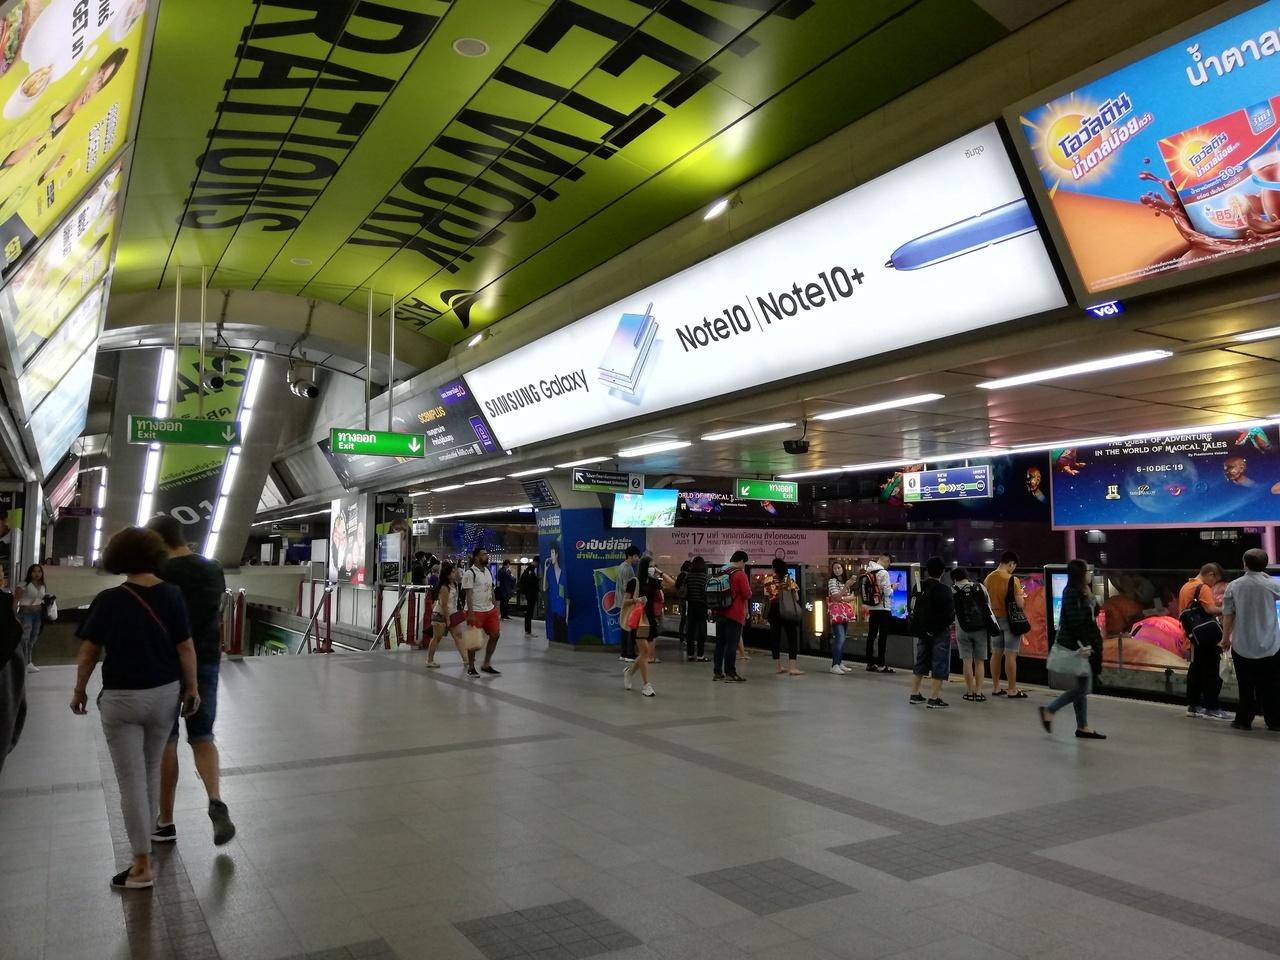 パヤタイ駅でBTSスクンビット線に乗り換えて、サイアム駅でシーロム線に乗り換えて、サラディーン駅で下車。  写真はBTSサイアム駅